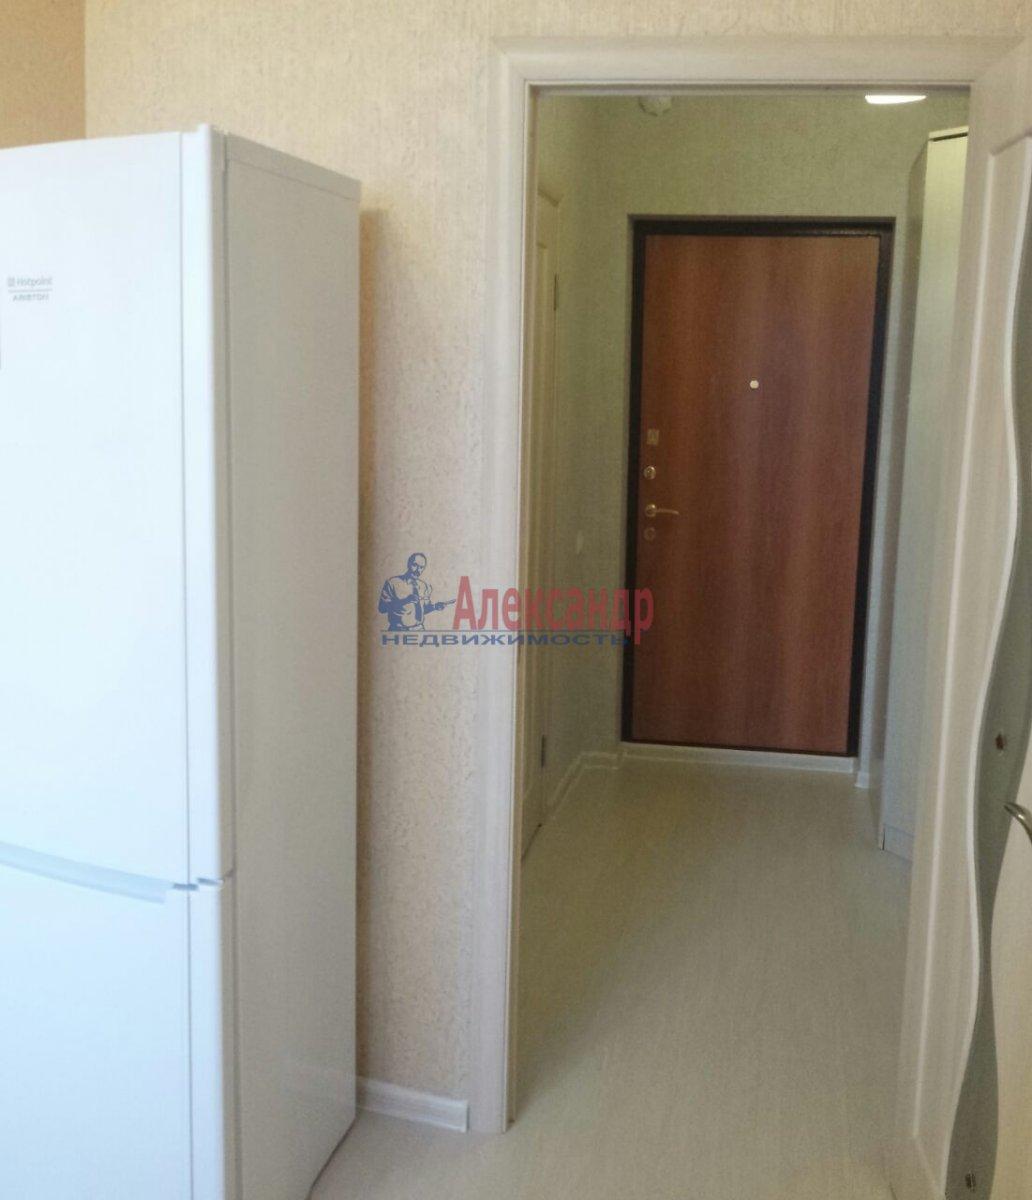 1-комнатная квартира (44м2) в аренду по адресу Чекистов ул., 22— фото 3 из 3